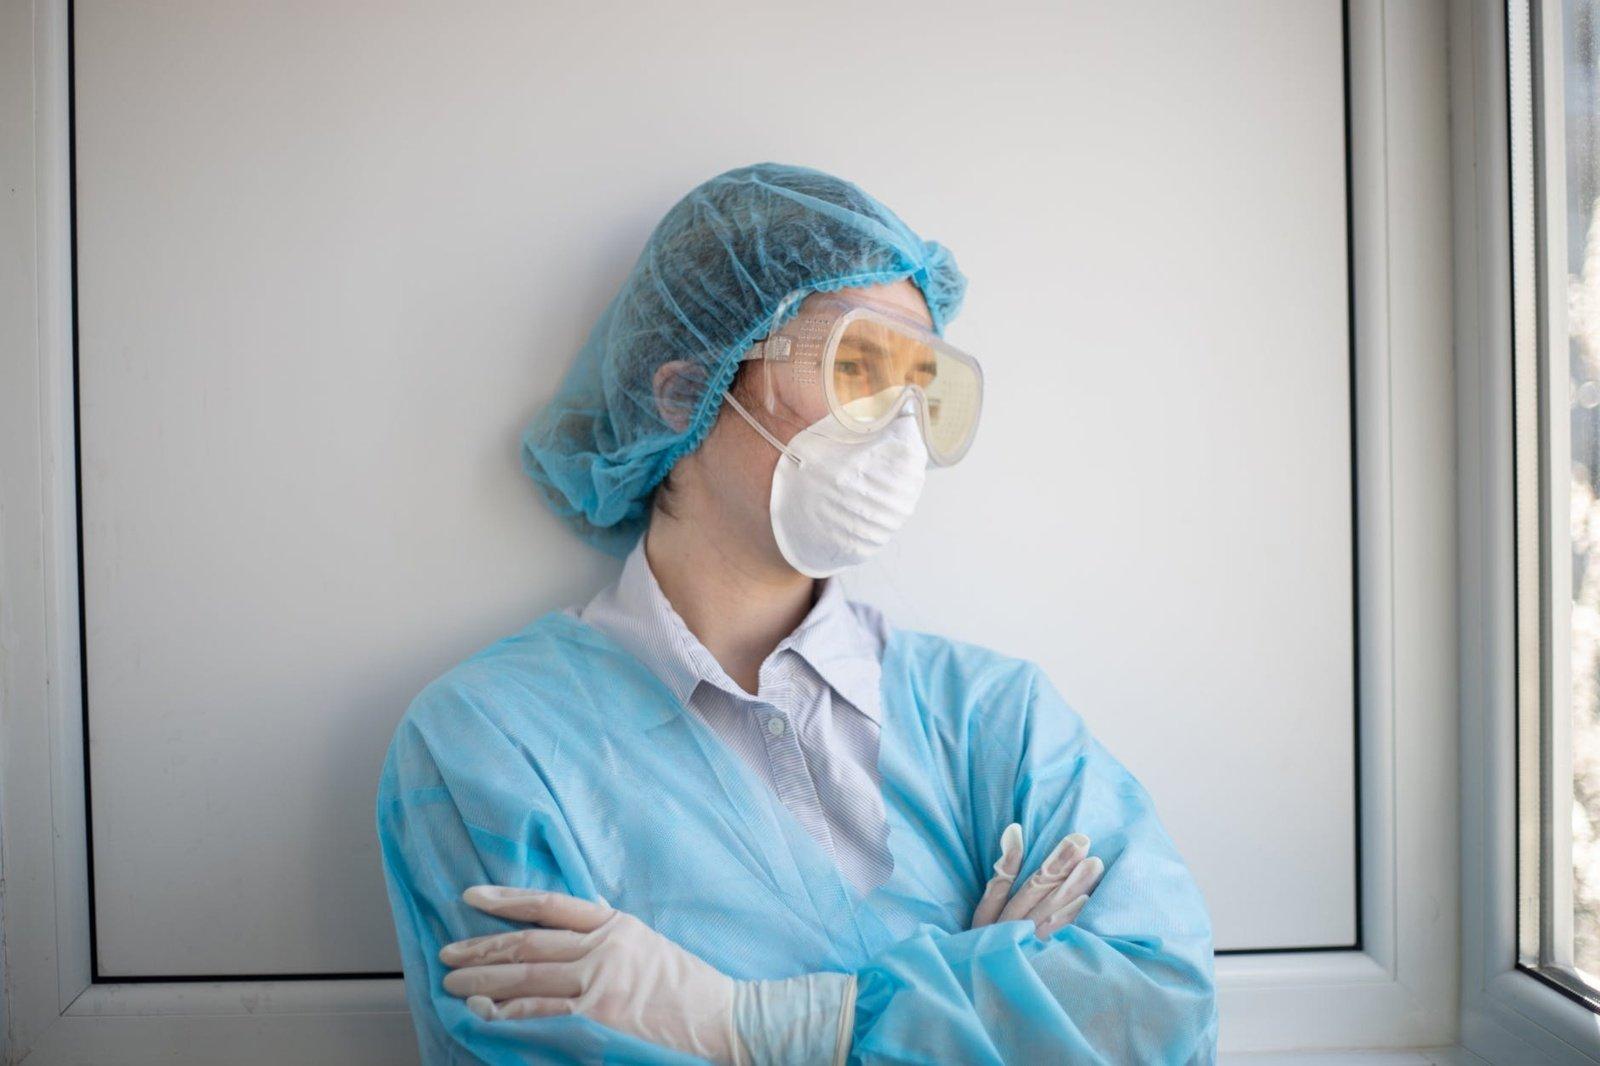 Naujausias tyrimas atskleidžia, kiek laiko koronavirusas išlieka gyvybingas ant tekstilės